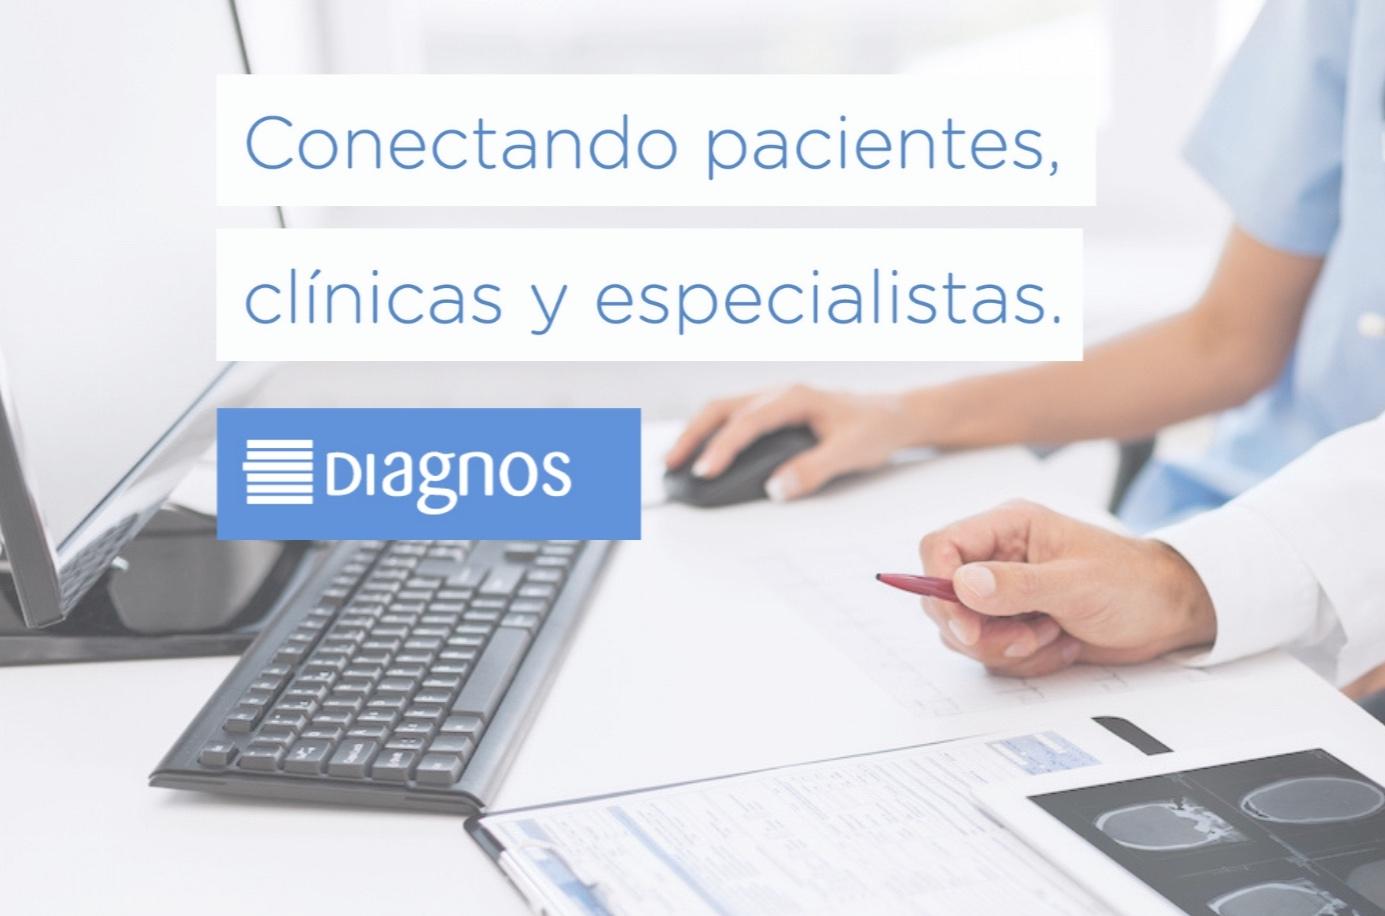 - En Diagnos analizamos los procesos de cada centro de servicio de imágenes diagnósticas y construimos soluciones que reducen los tiempos de atención, eliminan reprocesos, mejoran la calidad y tienen un impacto positivo en el resultado financiero de las empresas.